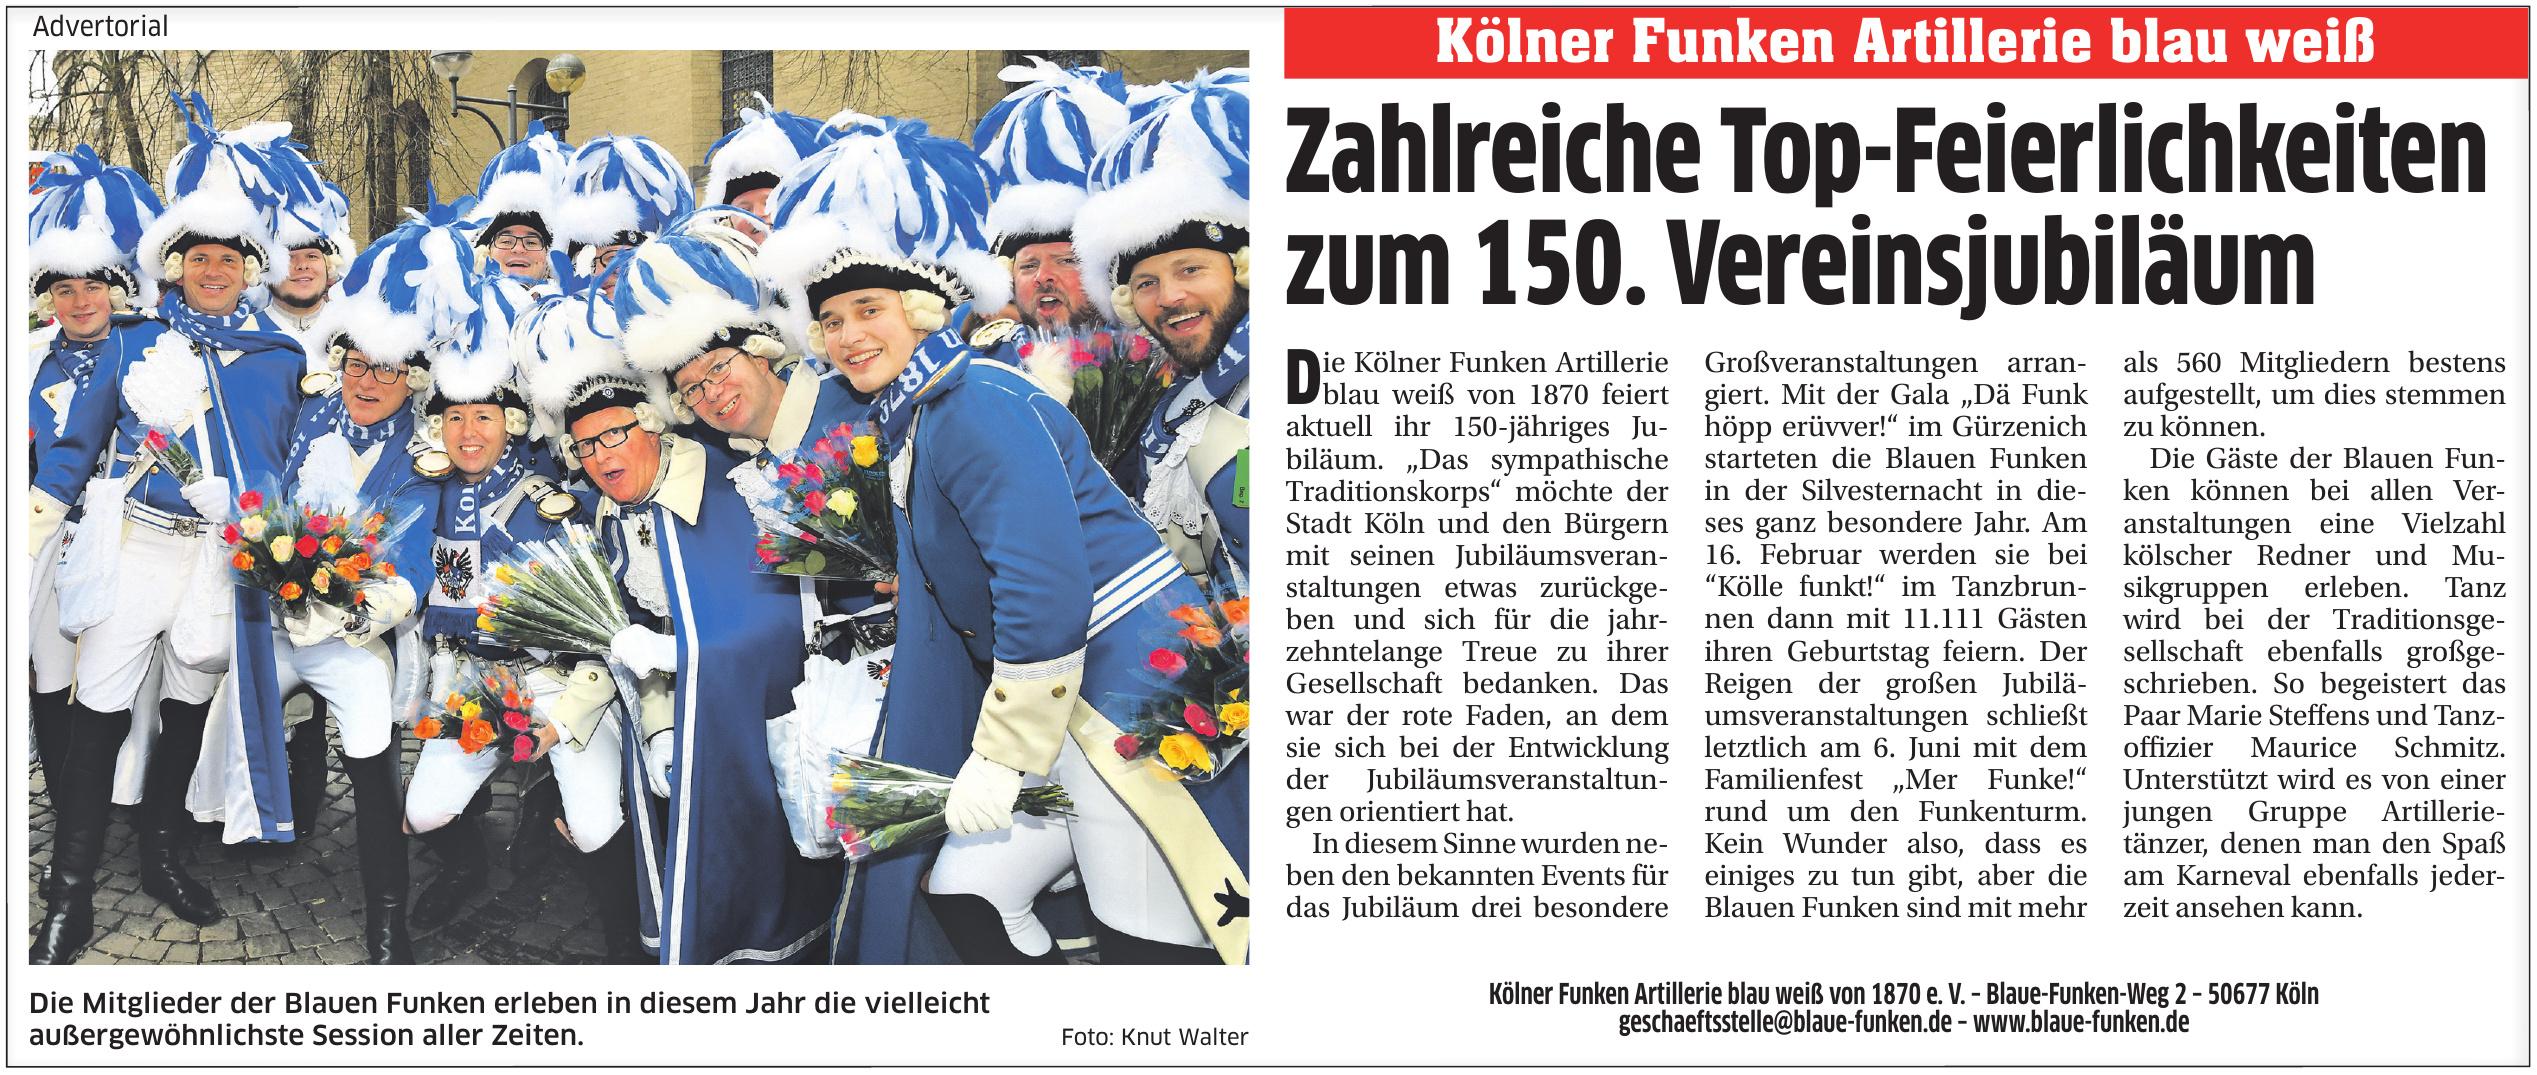 Kölner Funken Artillerie blau-weiß von 1870 e. V.